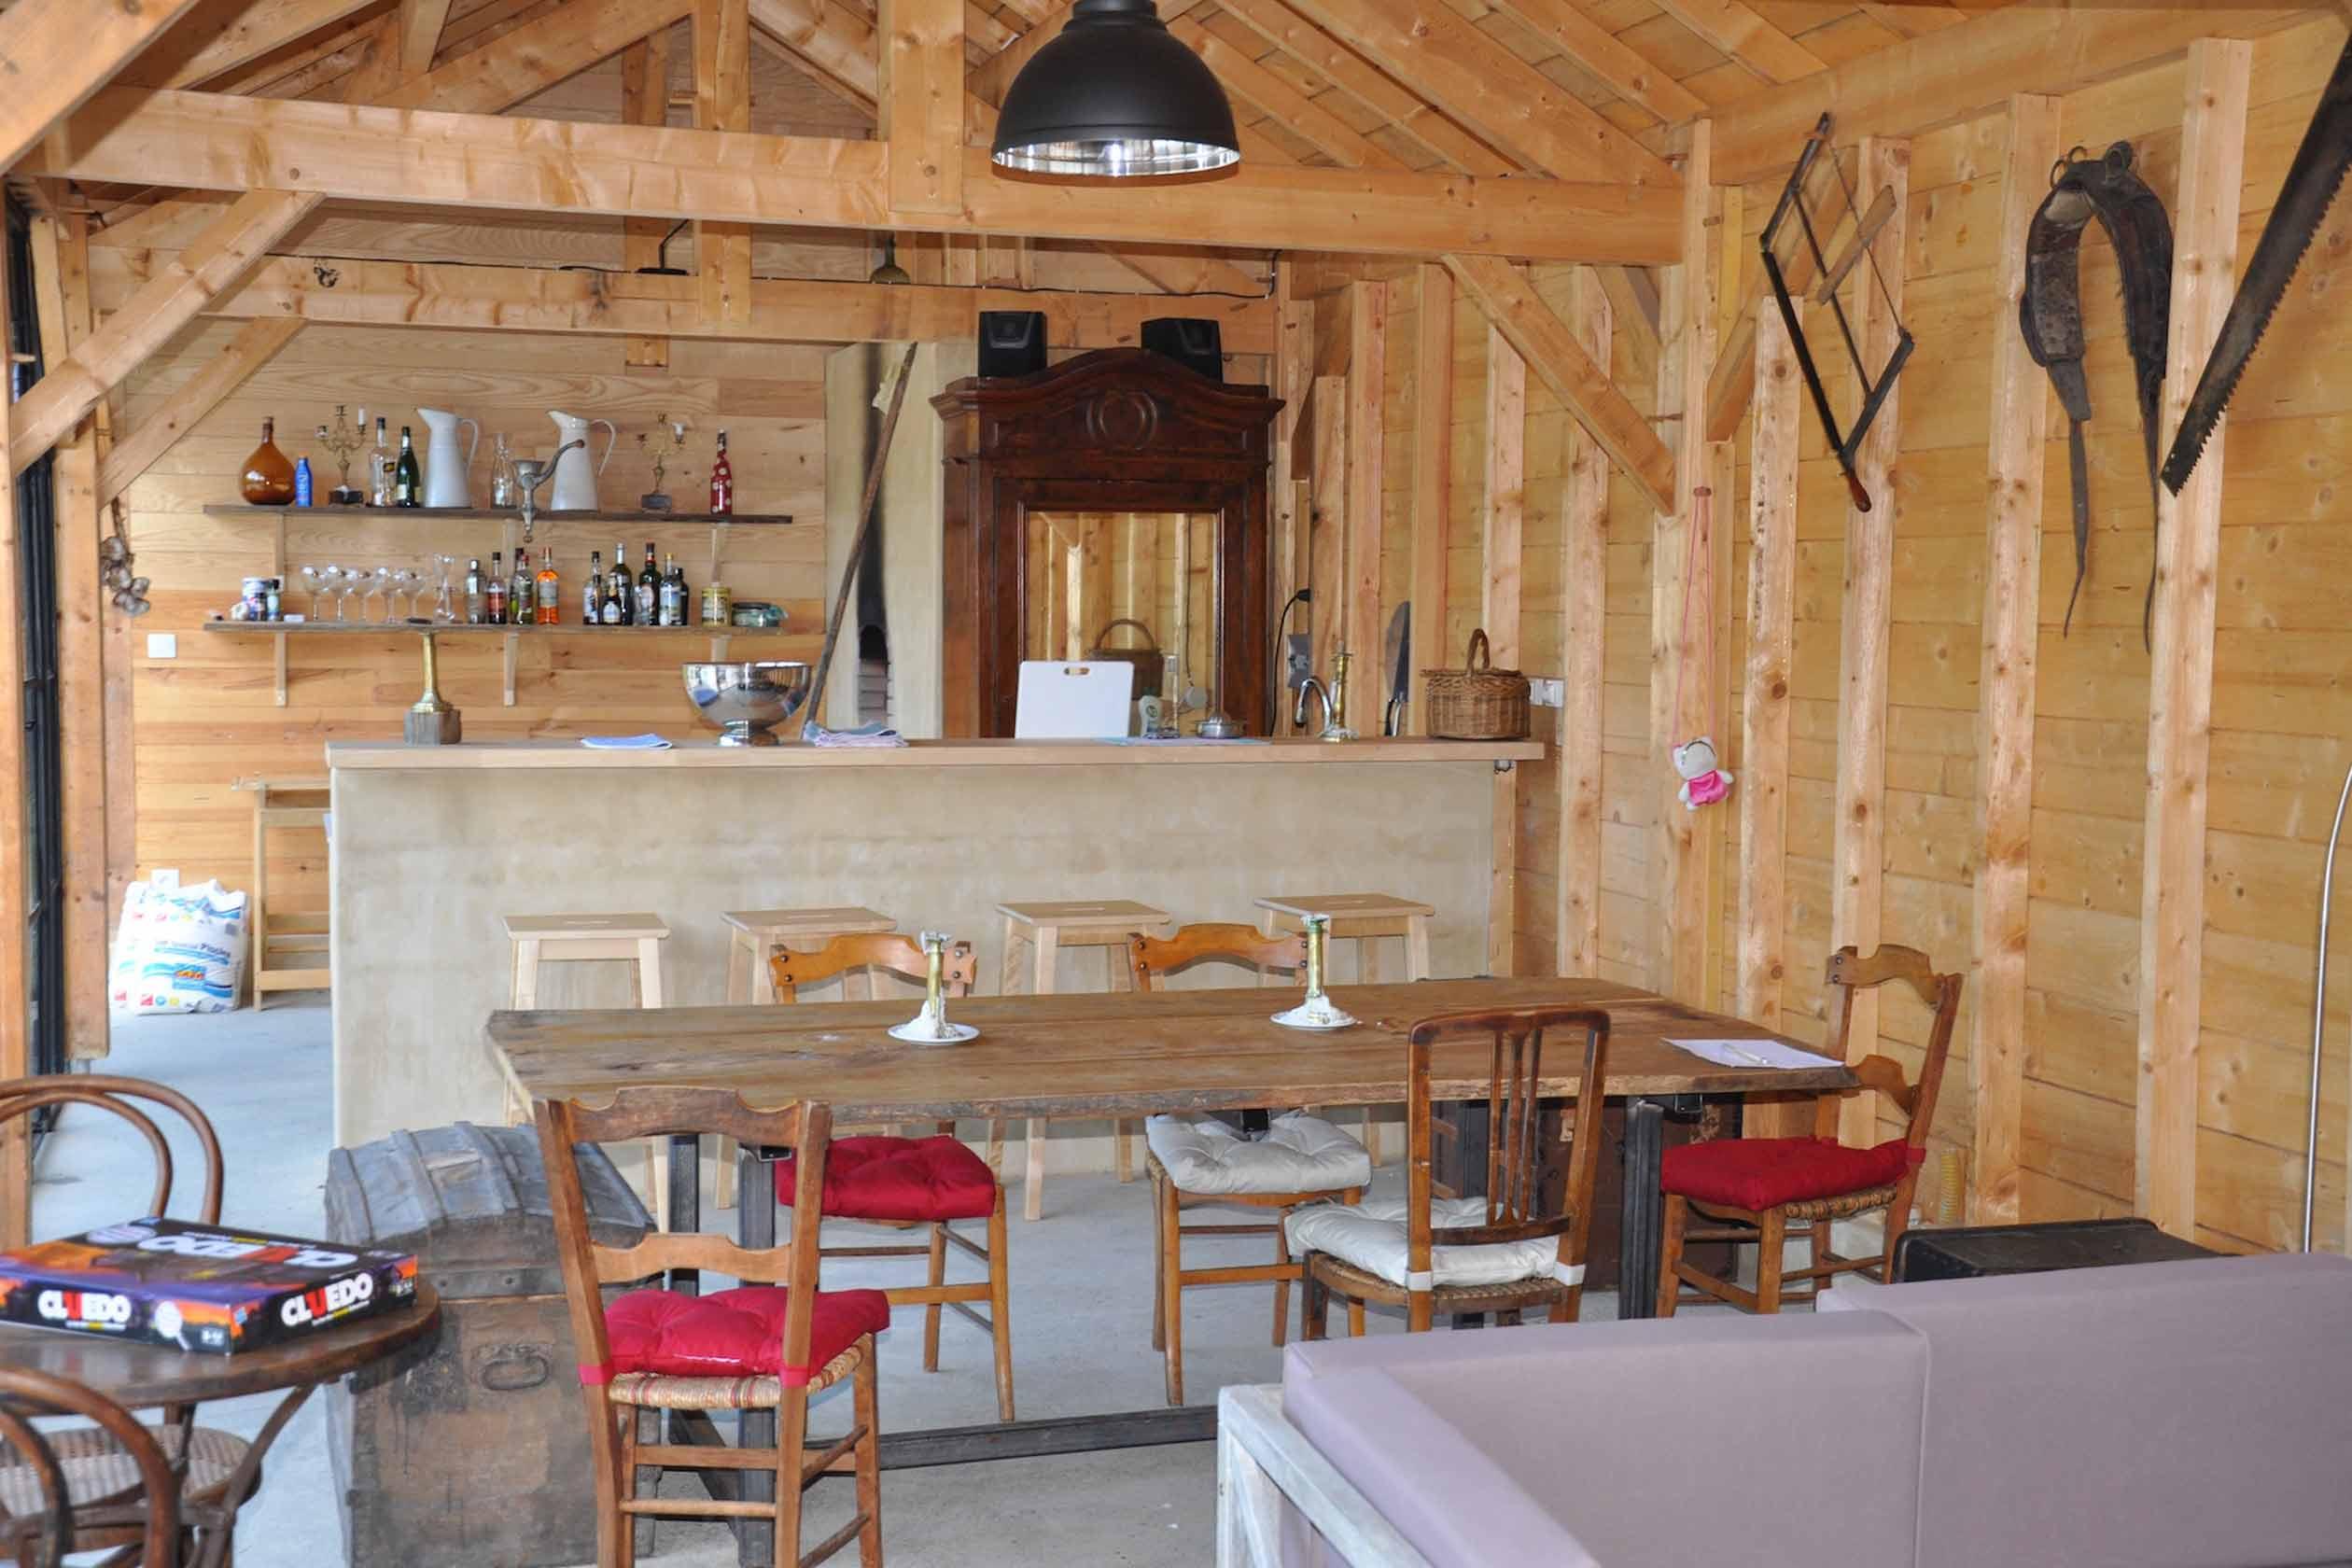 De bar in de pool house van onze vakantie villa in de Pyreneeën